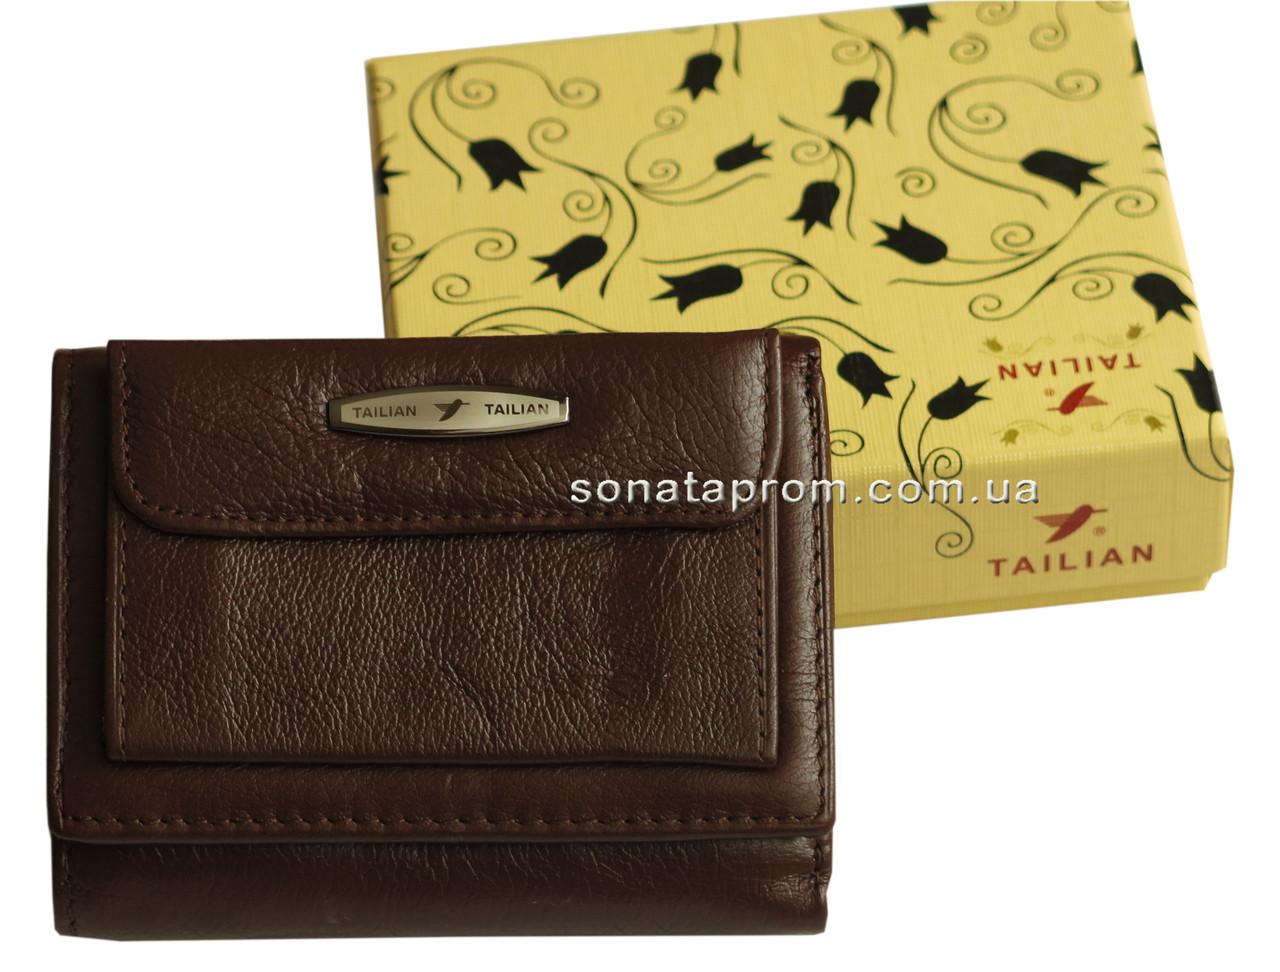 7fe5221ea5f3 Компактный женский кошелек из натуральной кожи Tailian - SONATAPROM.COM.